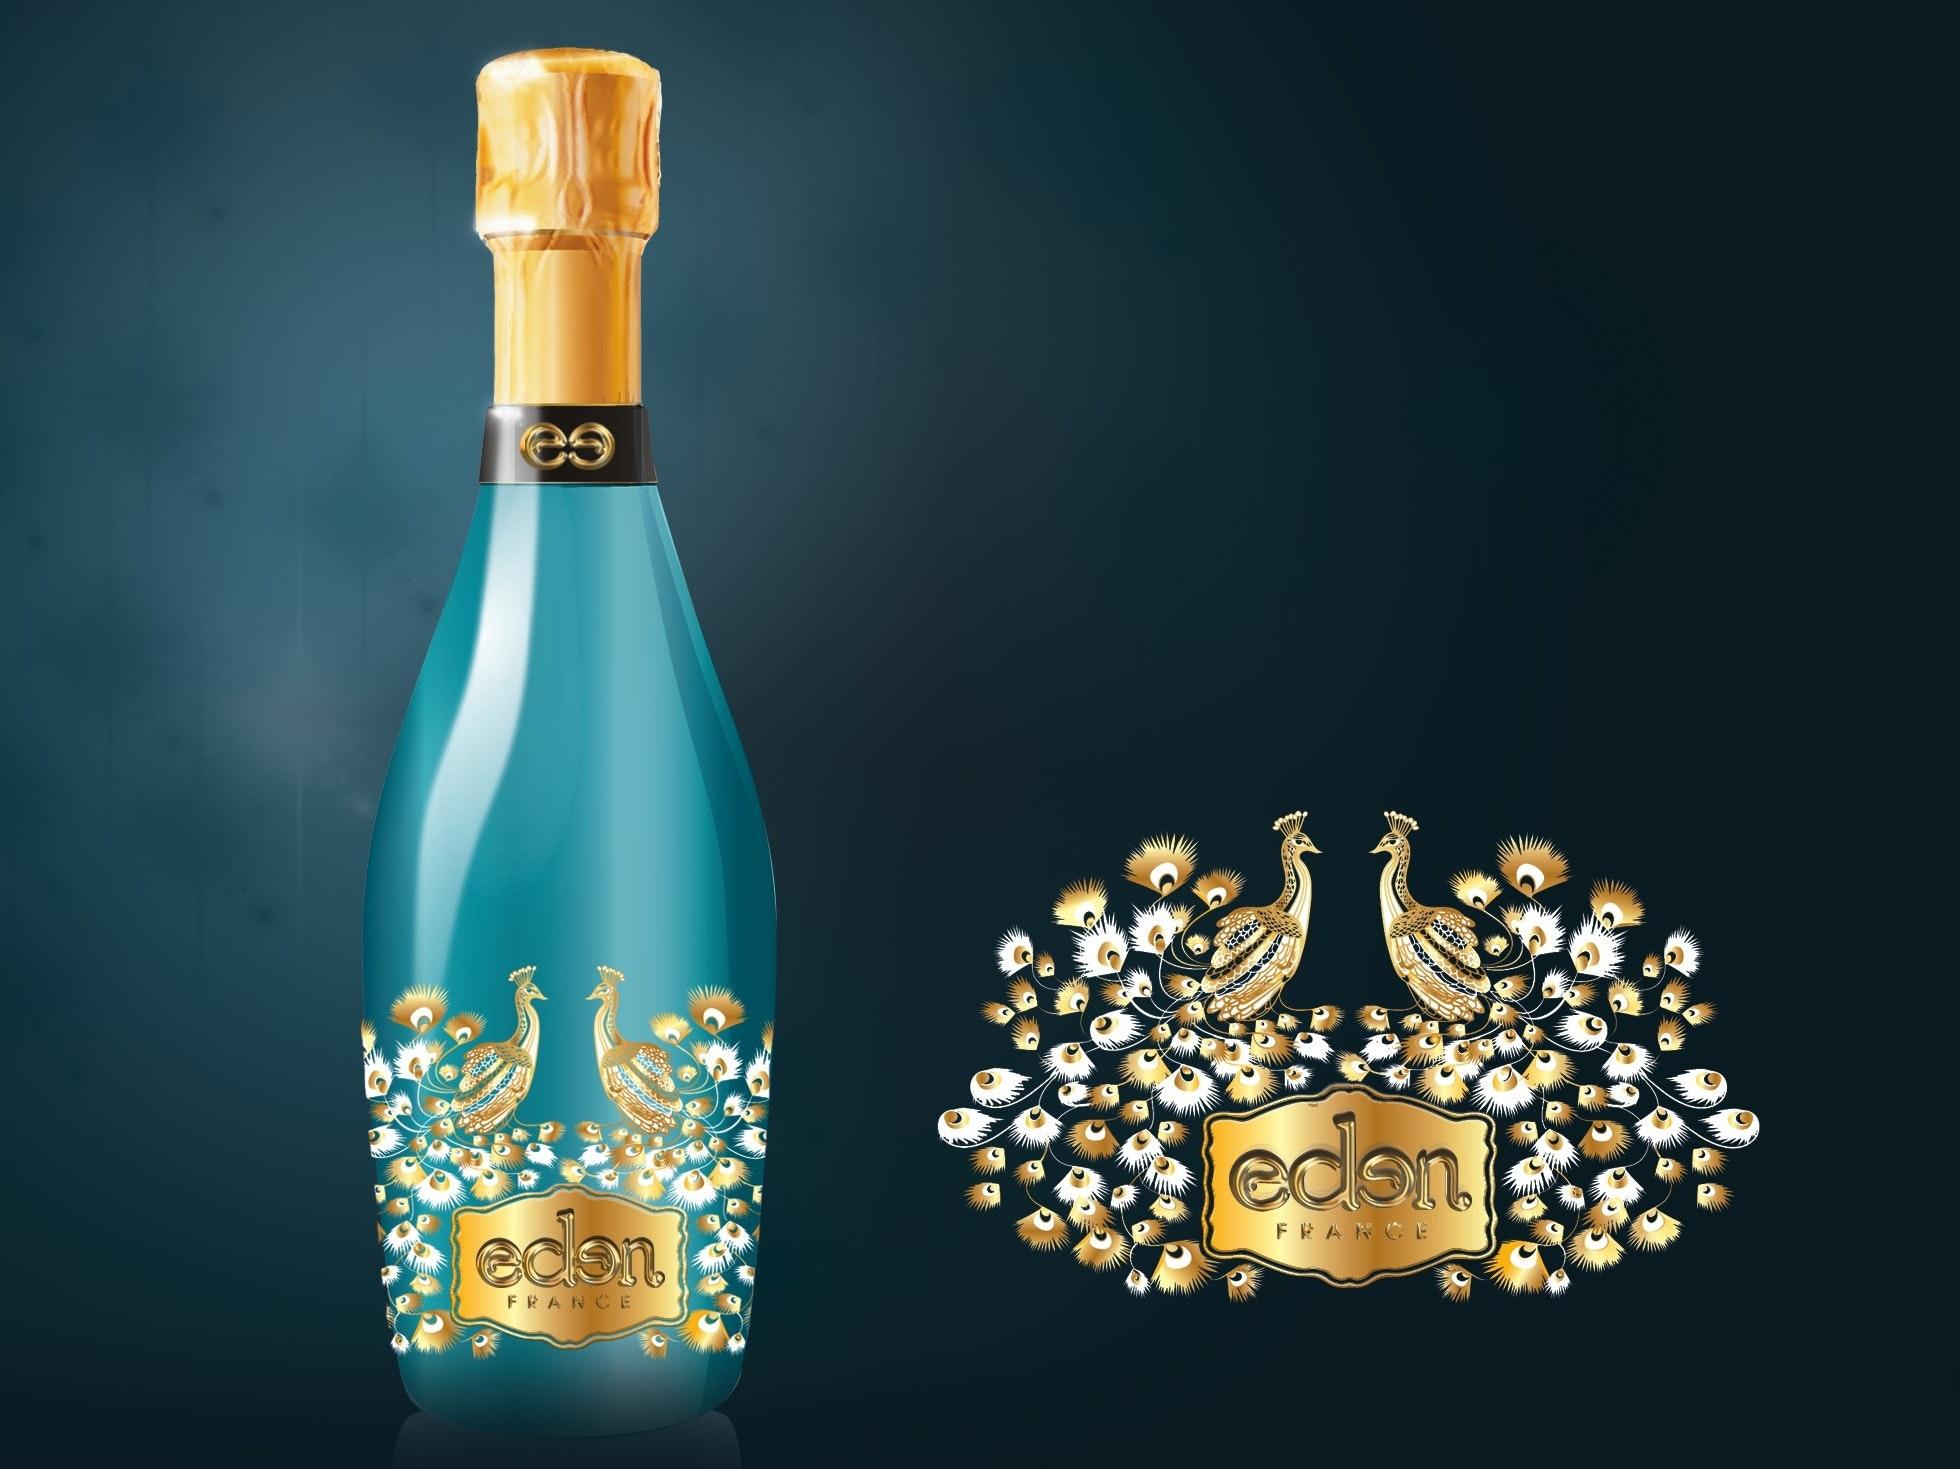 Etiquette eden France Champagne